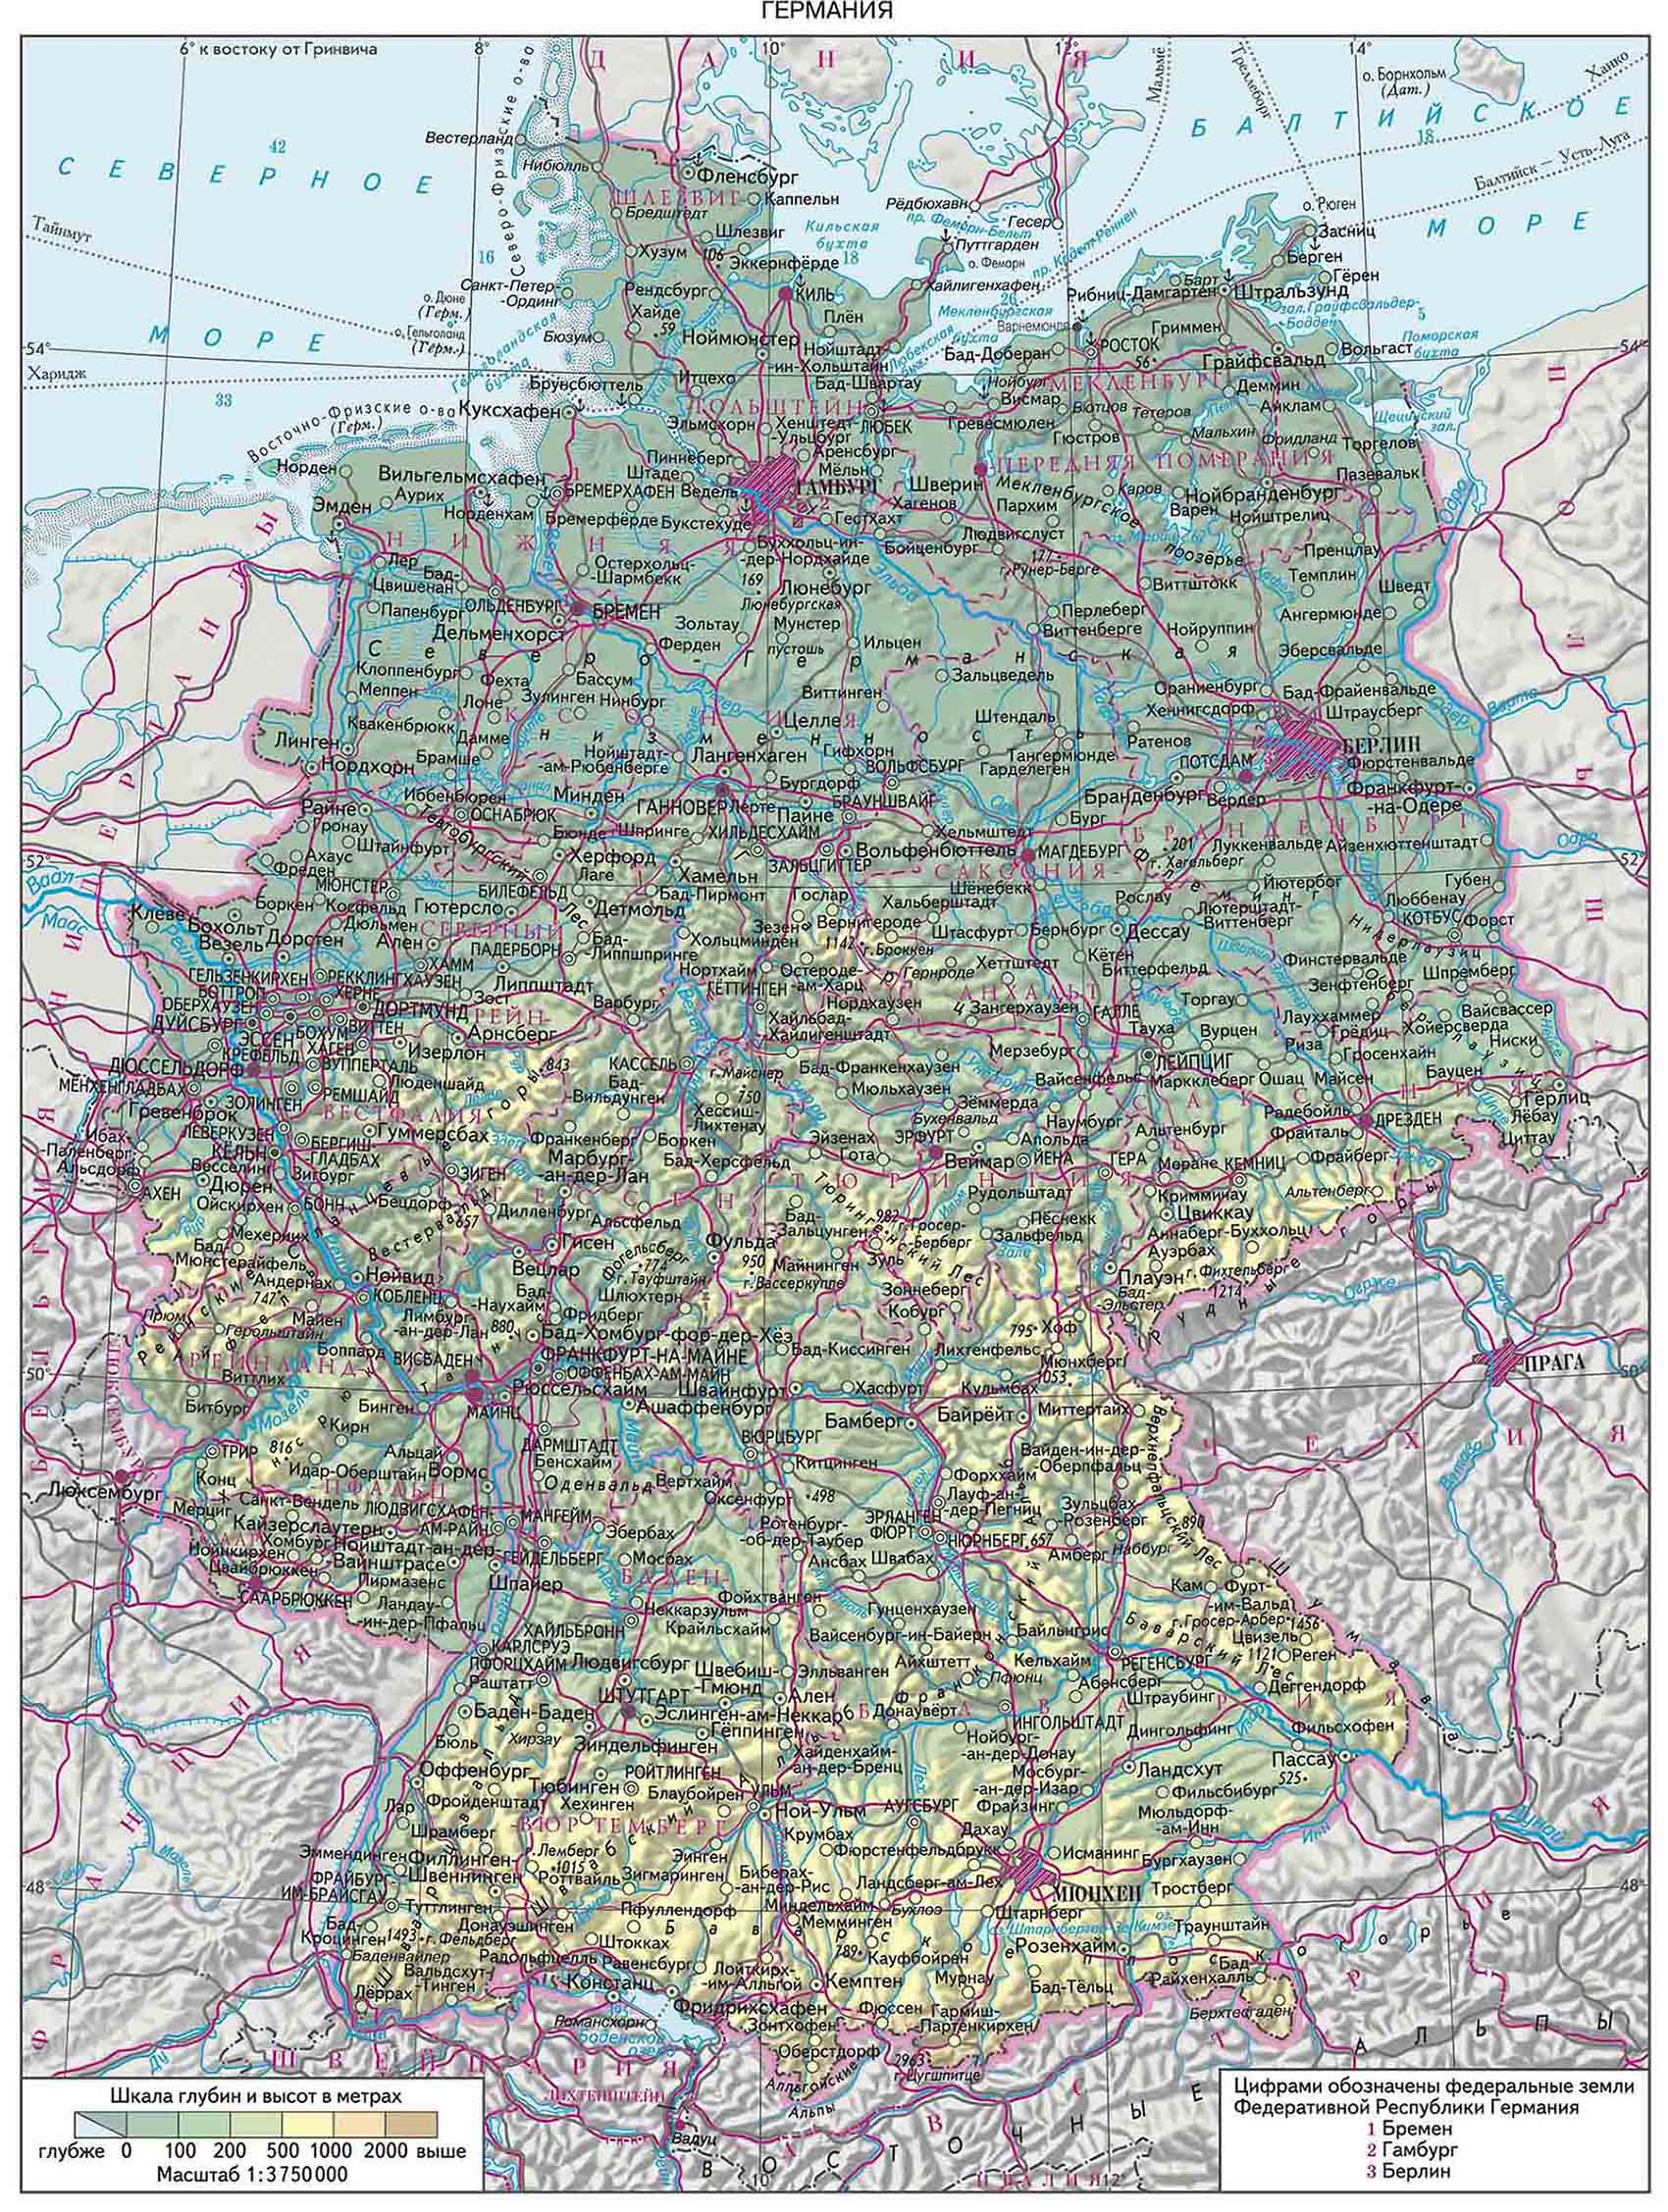 Германия на карте картинка